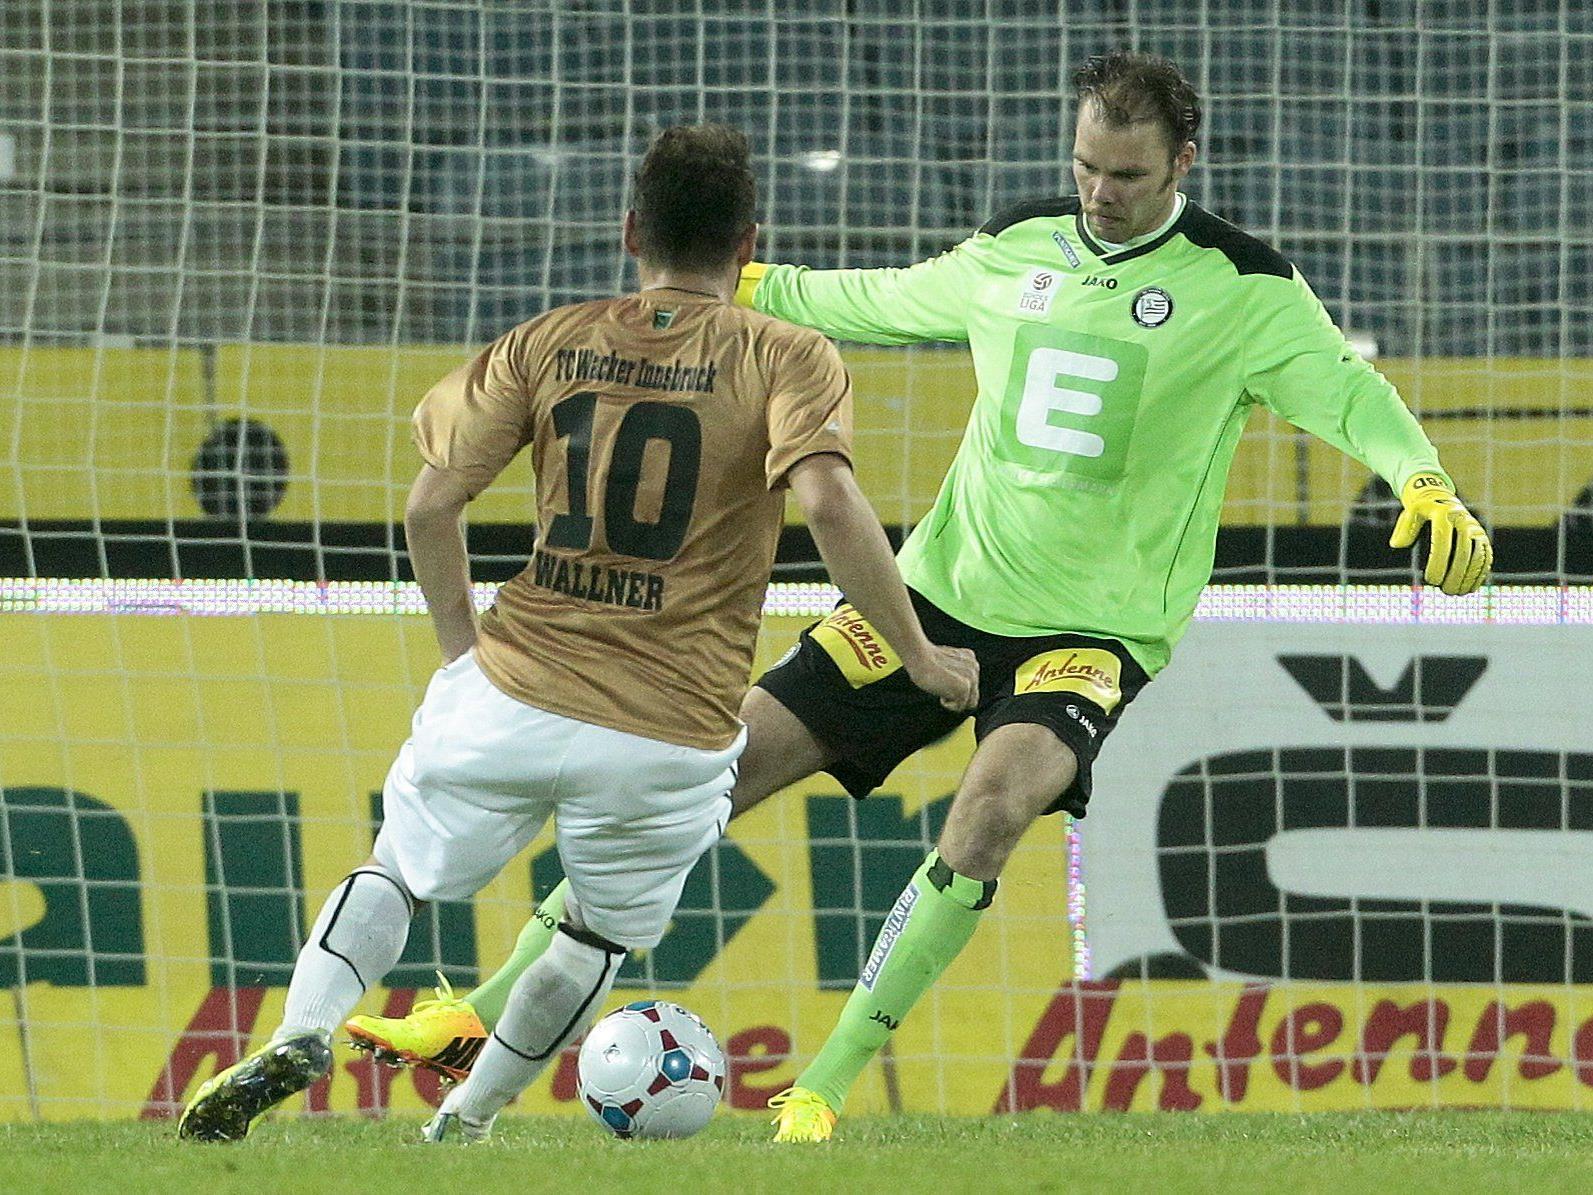 LIVE-Ticker zum Spiel SK Sturm Graz gegen FC Wacker Innsbruck ab 19 Uhr.